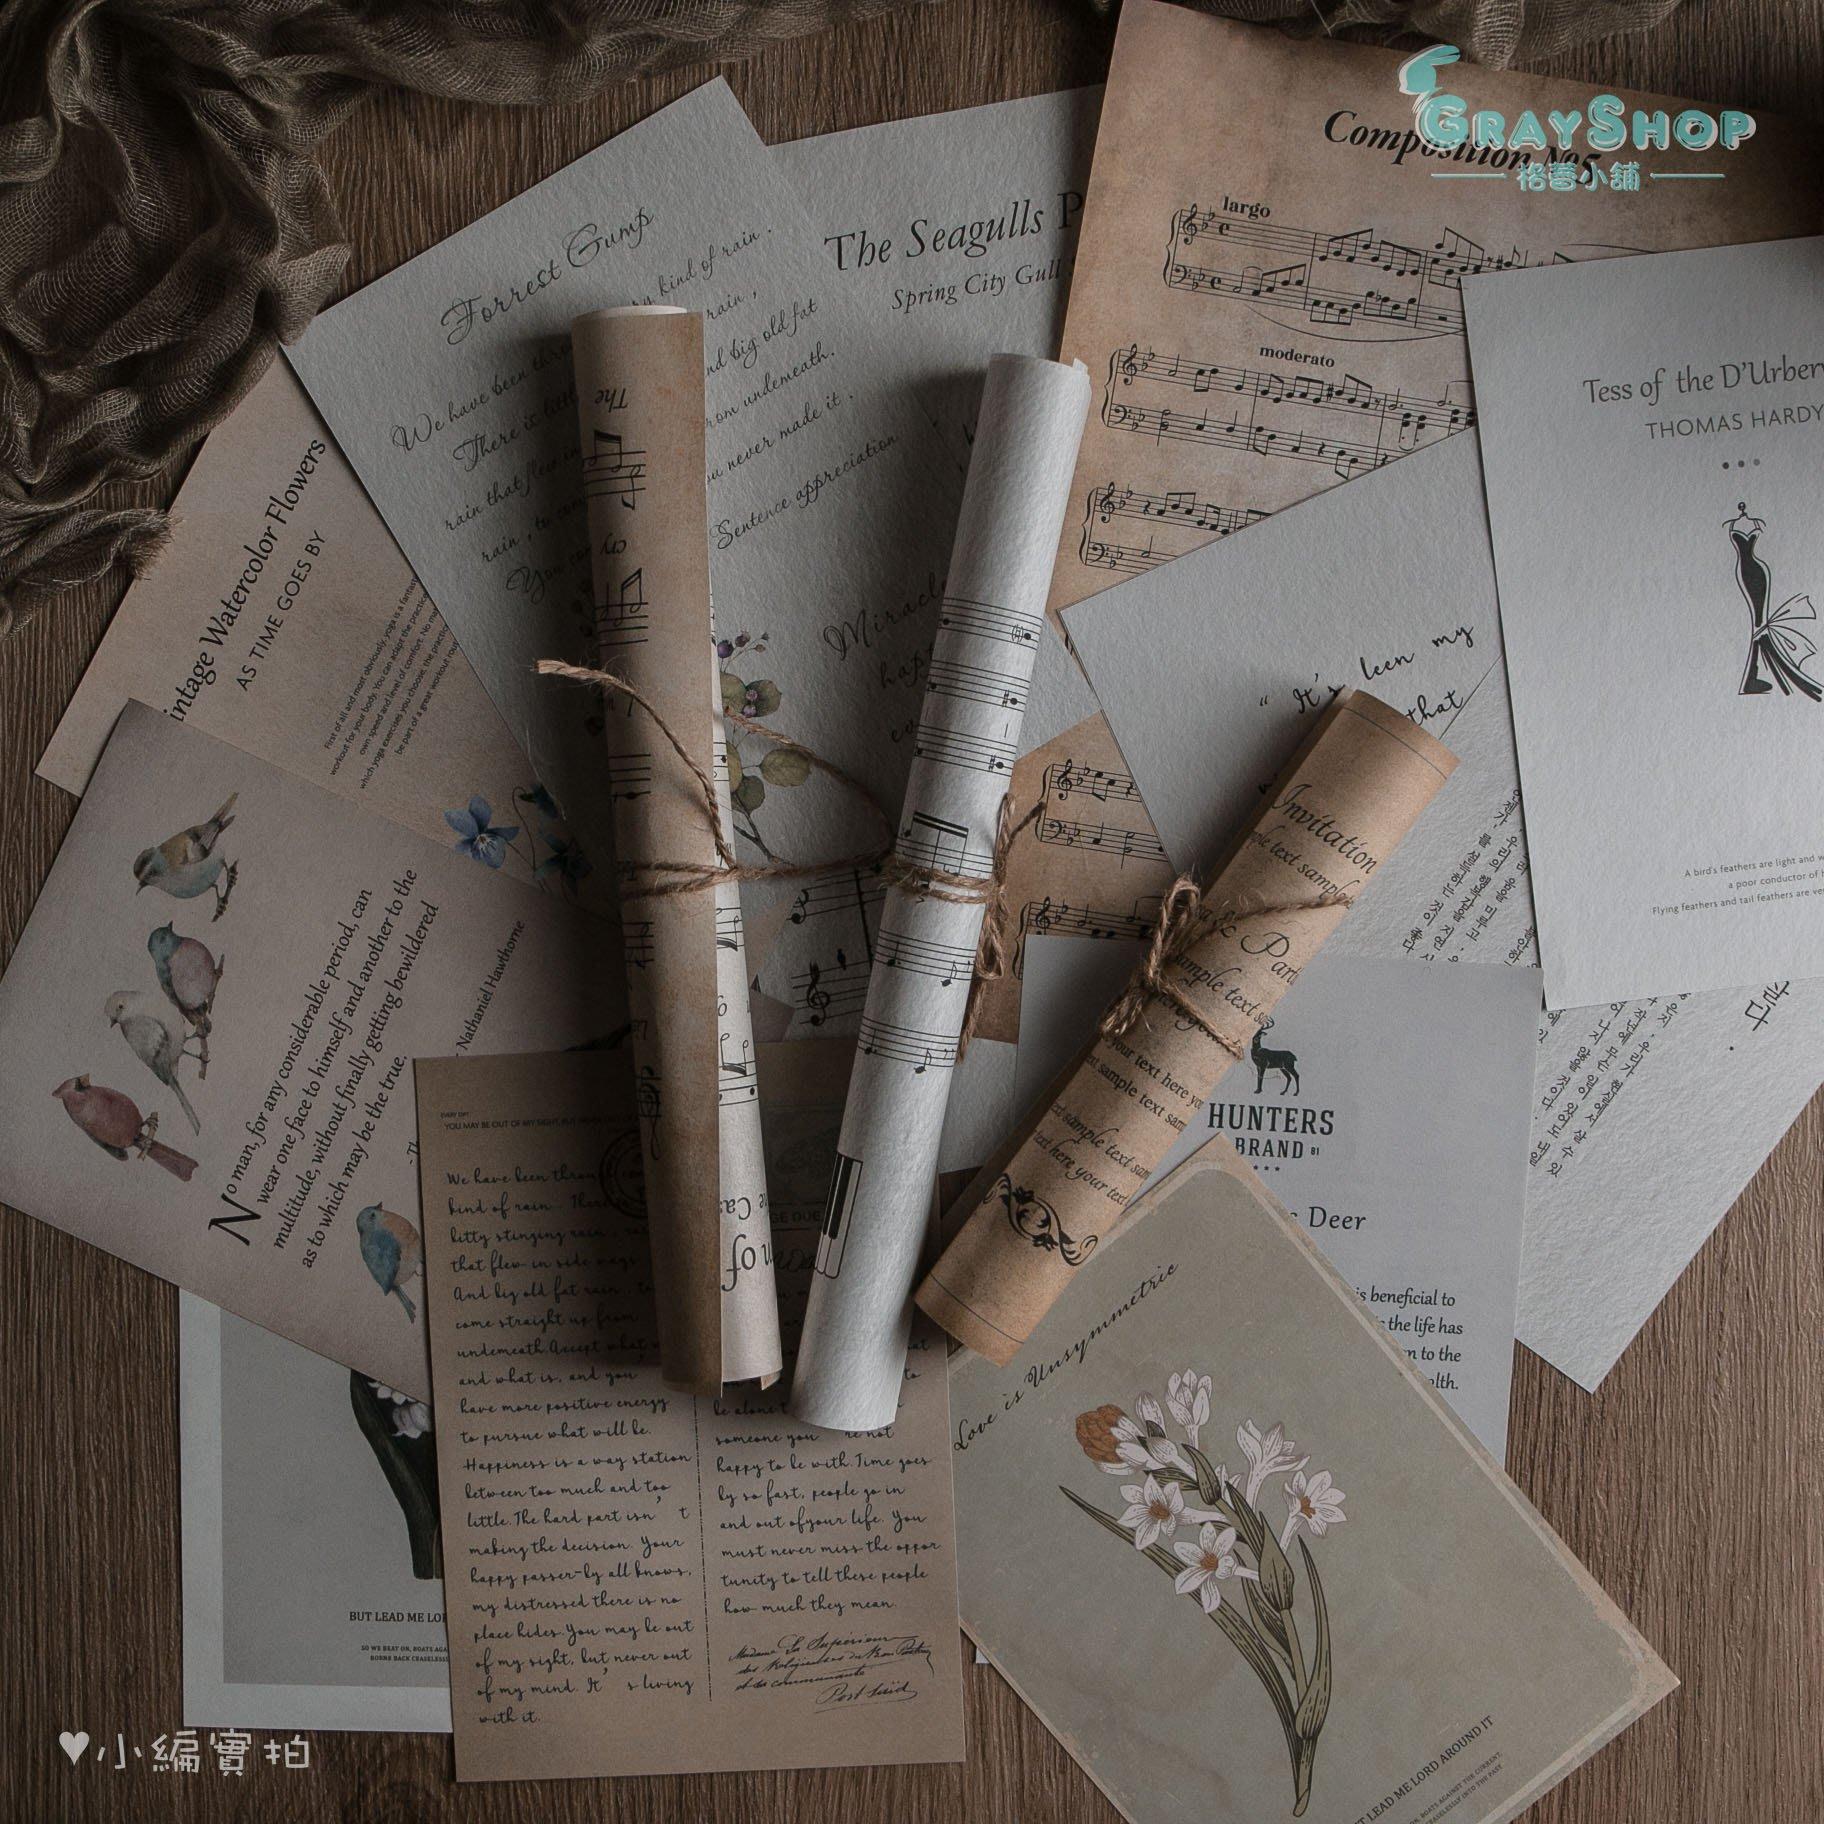 復古雙面背景紙 樂譜紙 英文紙《GrayShop》紙張 花鳥 超百搭 簡約風 網拍攝影道具 拍照道具